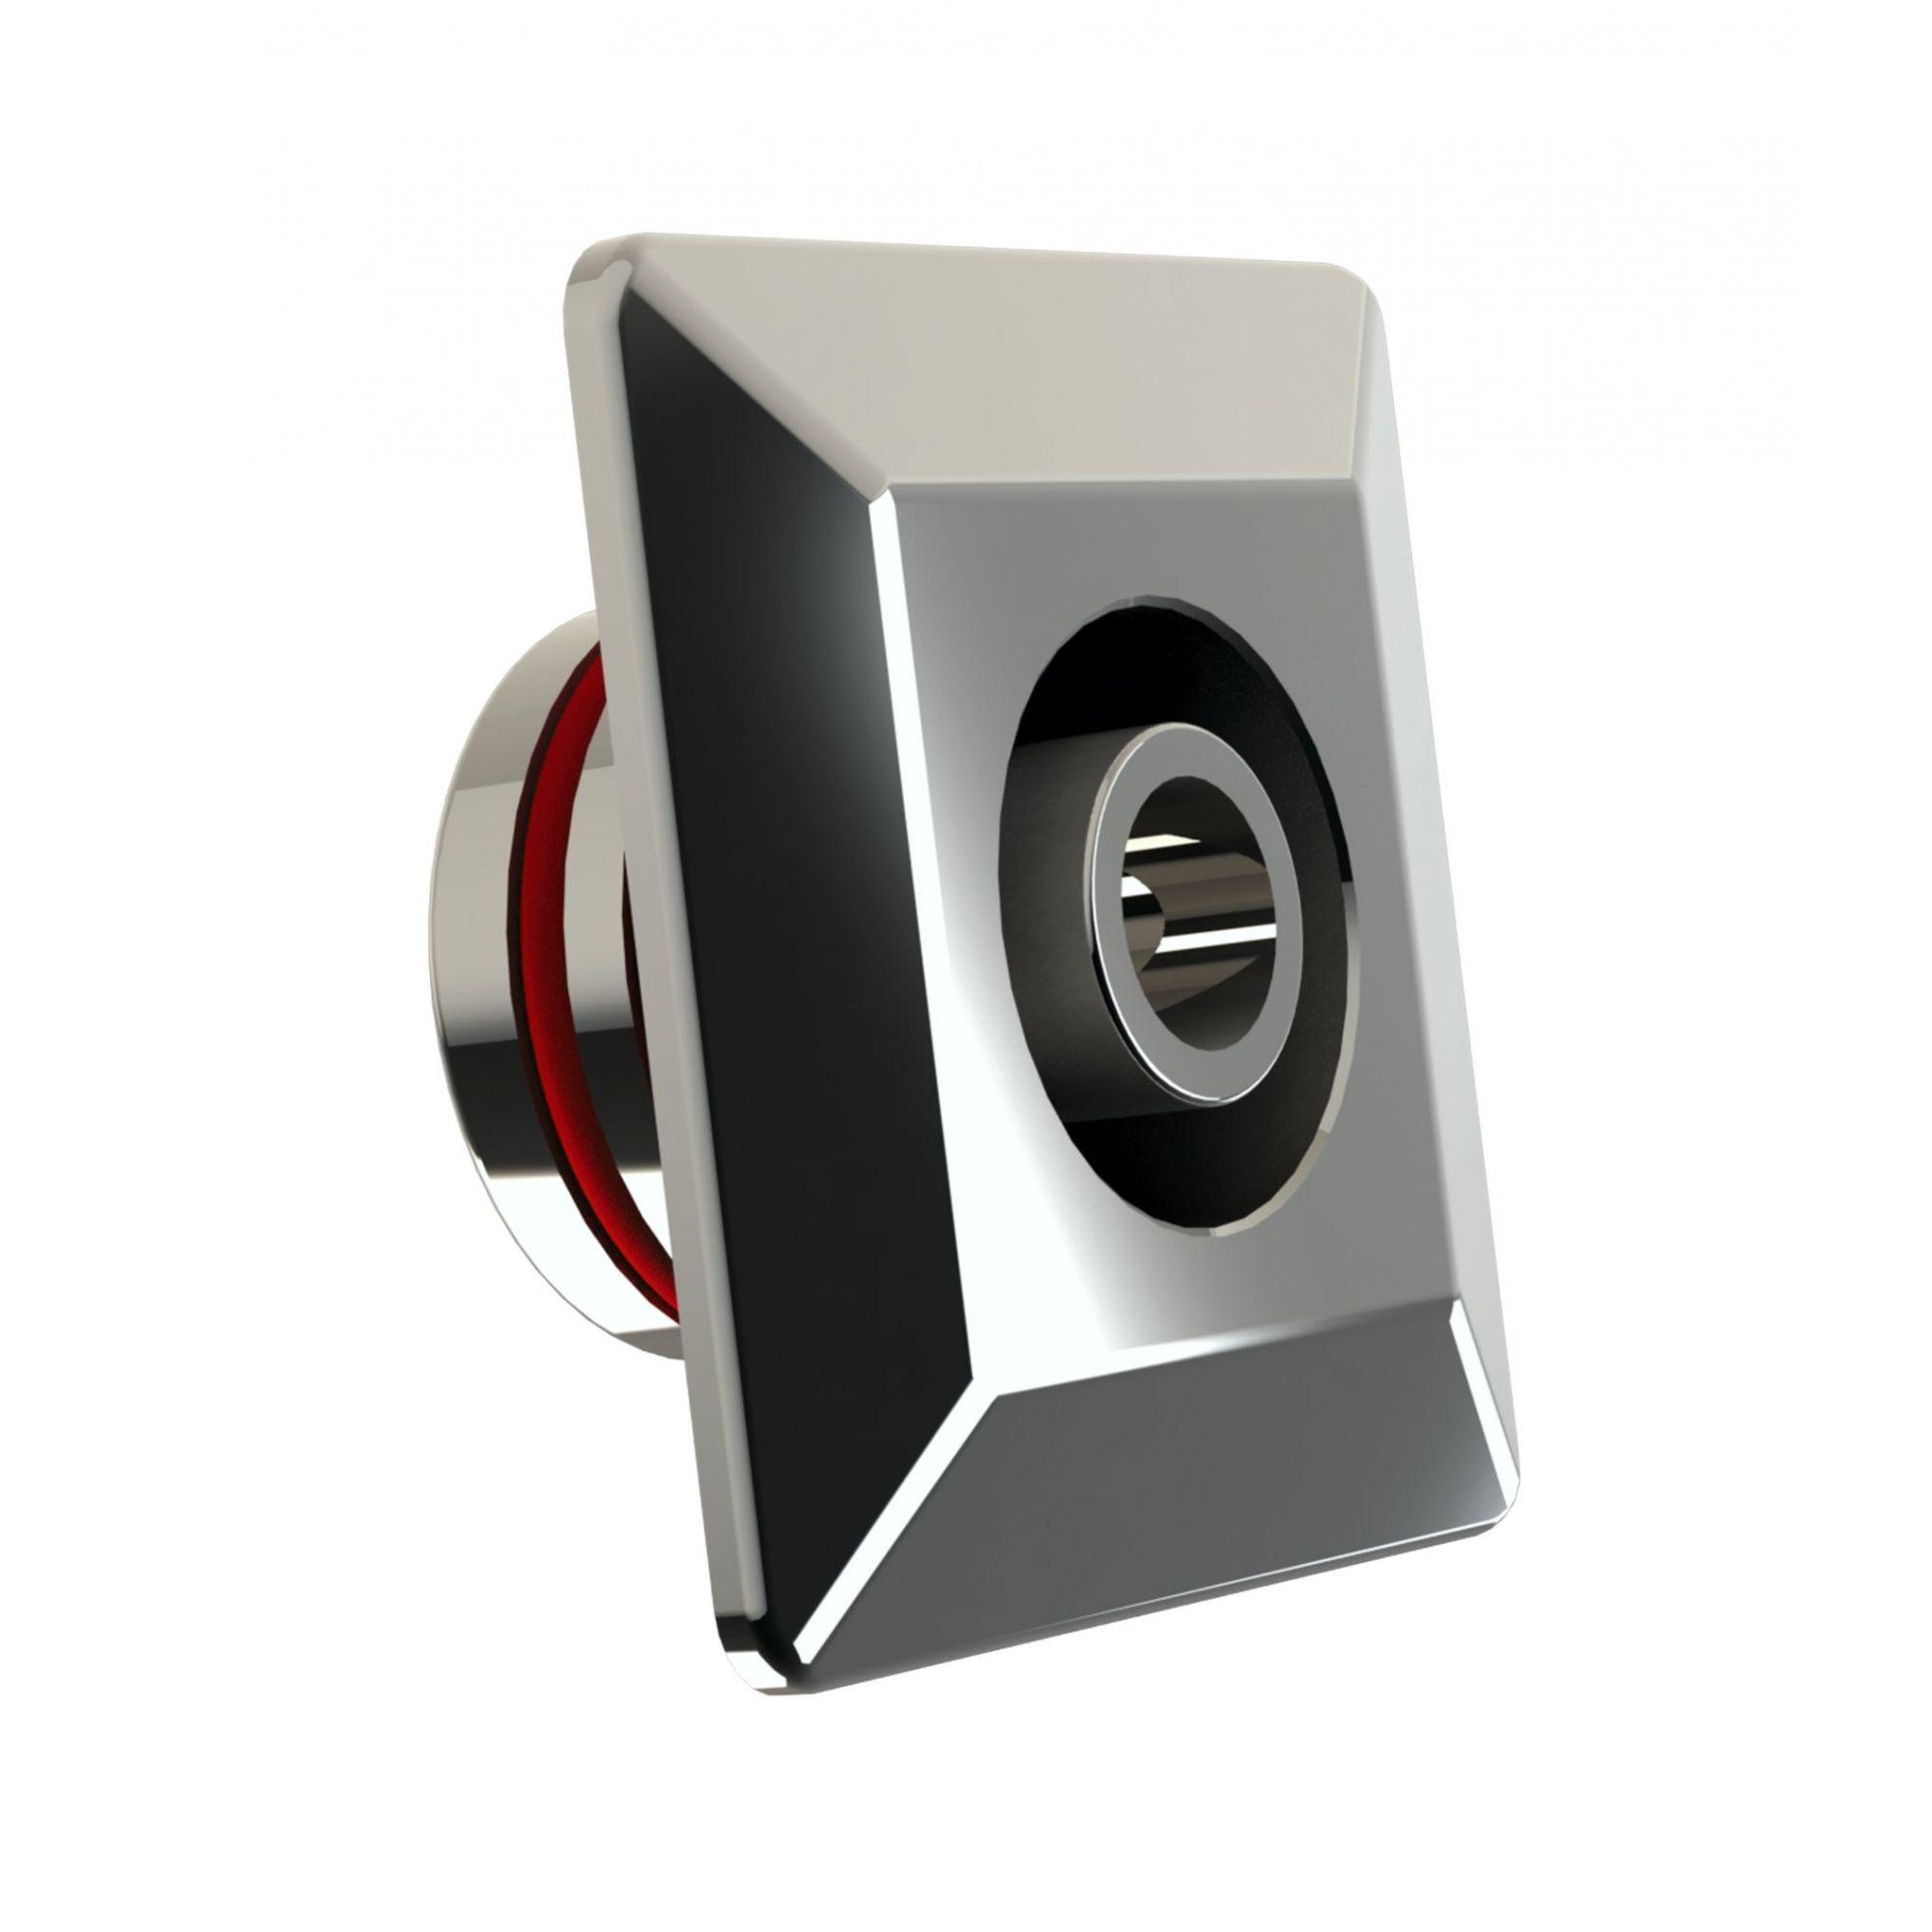 Dispositivo de Retorno Ajustável Quadrado Inox - Alvenaria - Tholz